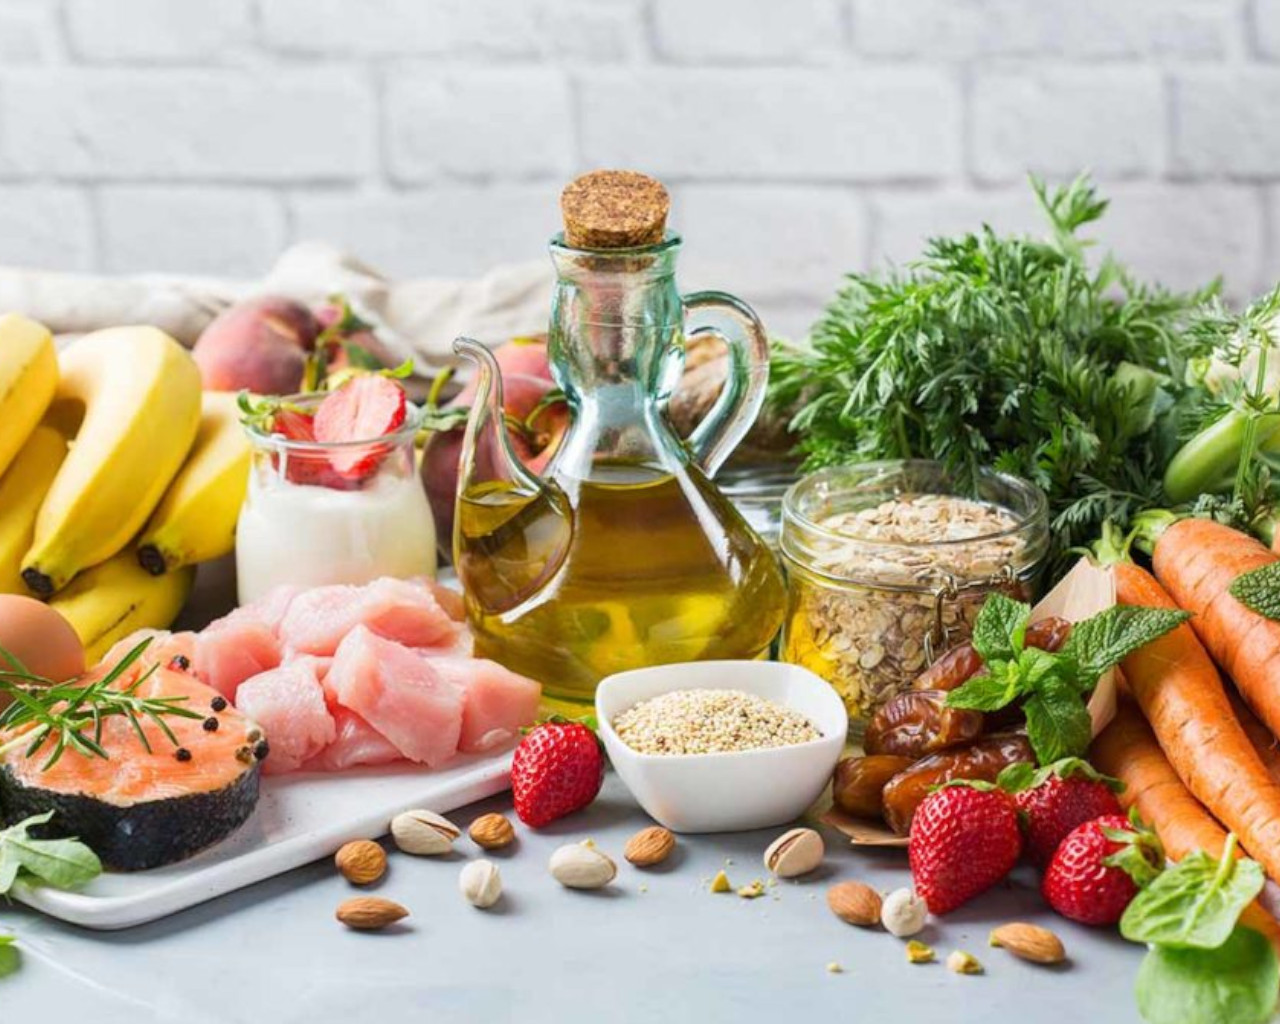 μεσογειακή διατροφή,μεσογειακή διατροφή συνταγέσ,μεσογειακή διατροφή πυραμίδα,μεσογειακή διατροφή οφέλη,μεσογειακή διατροφή pdf,μεσογειακή διατροφή χαμηλών υδατανθράκων,μεσογειακή διατροφή και υγεία,μεσογειακή διατροφή πρόγραμμα,μεσογειακή διατροφή για παιδιά